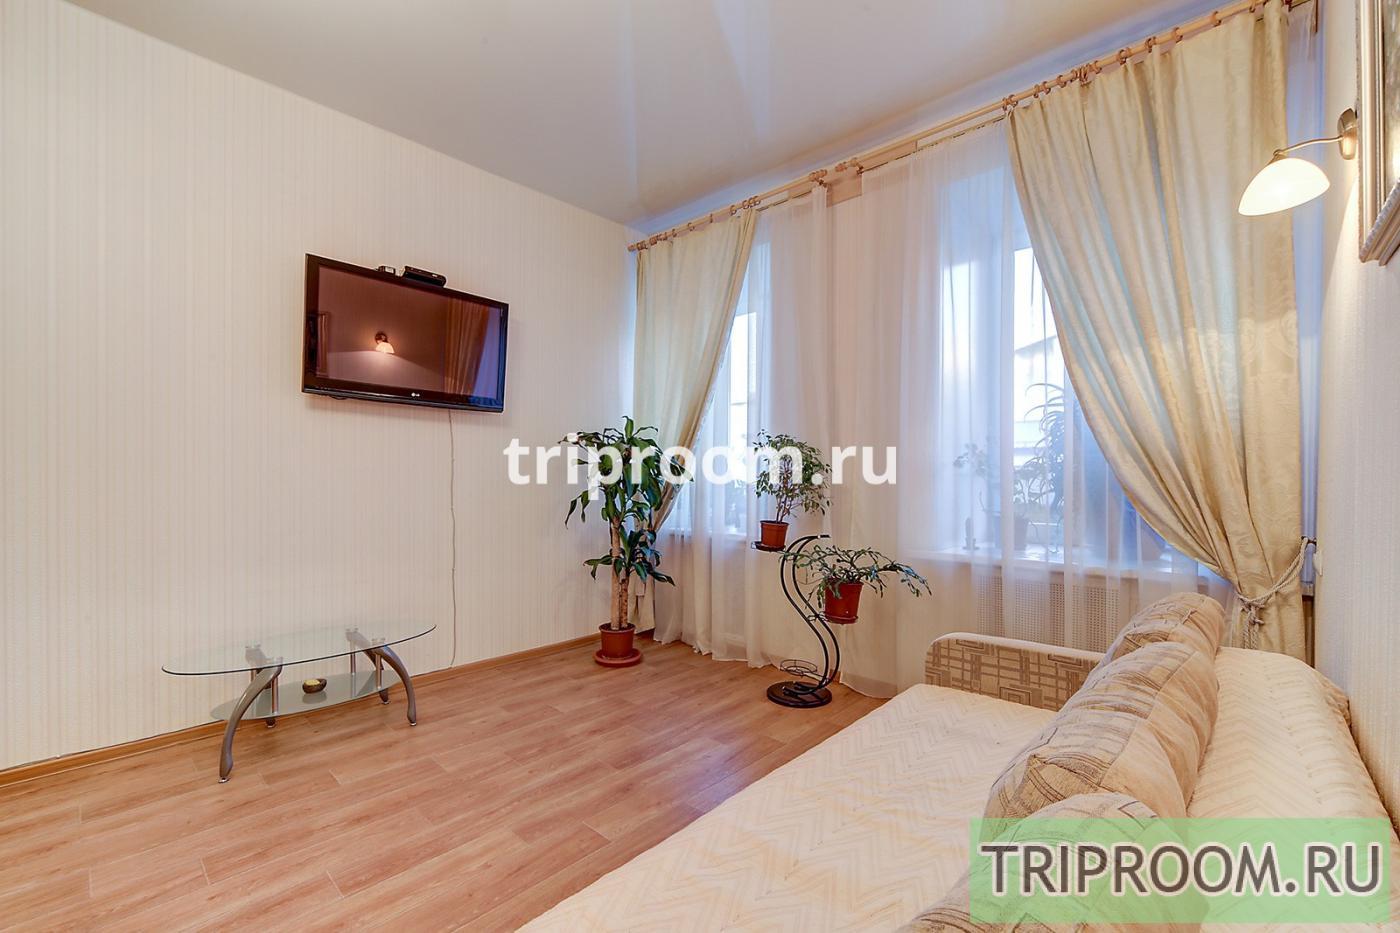 2-комнатная квартира посуточно (вариант № 15459), ул. Адмиралтейская набережная, фото № 5